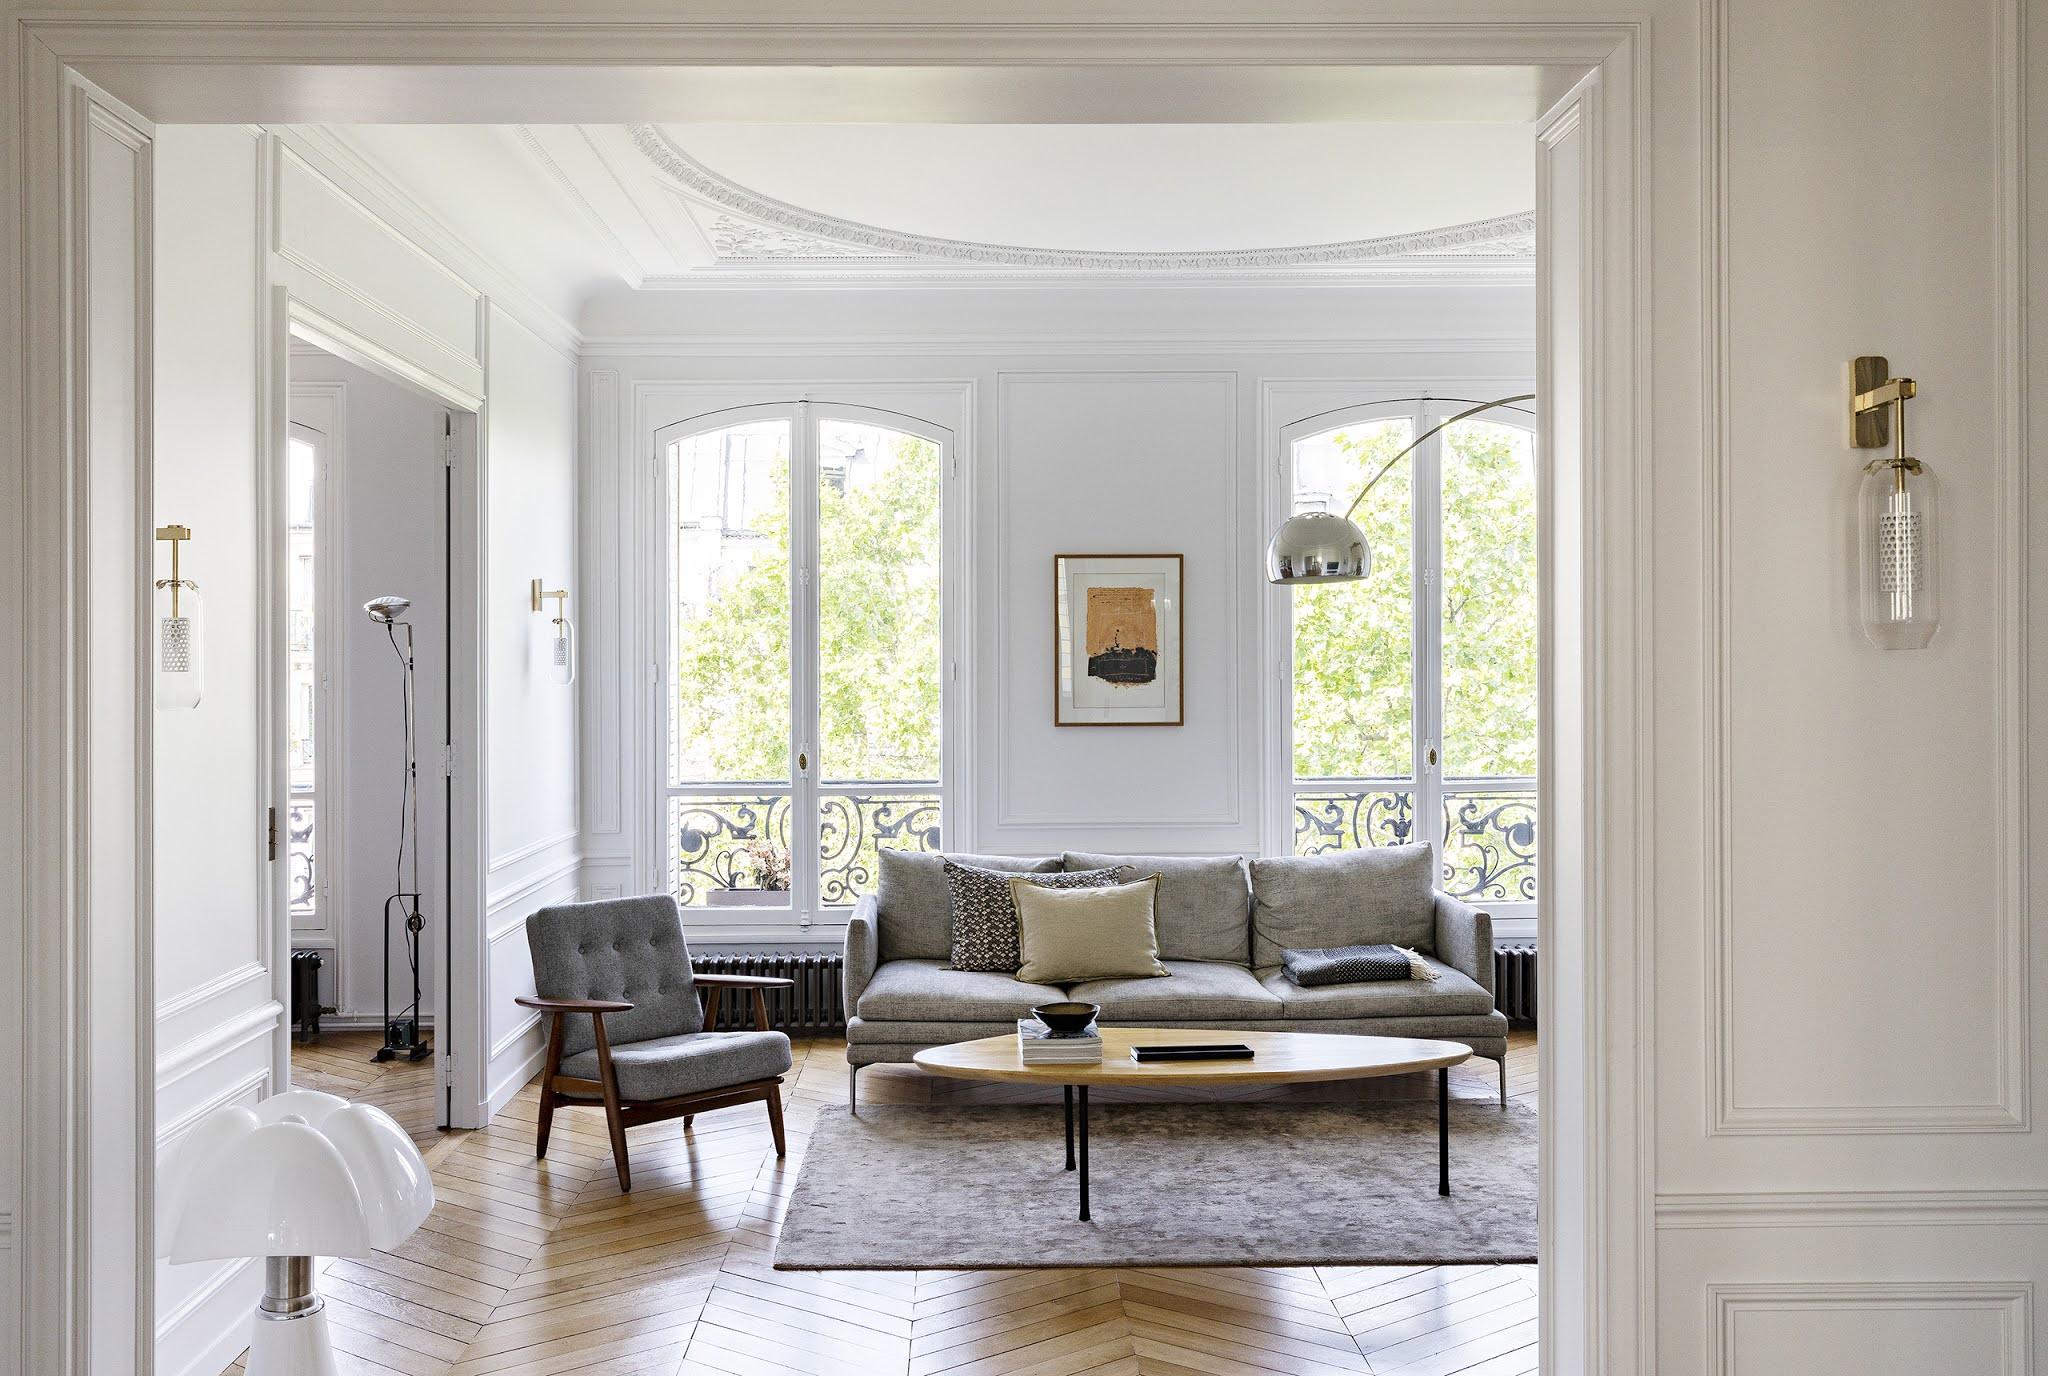 Exquisite Parisian apartment by interior designer Olivia Massimi